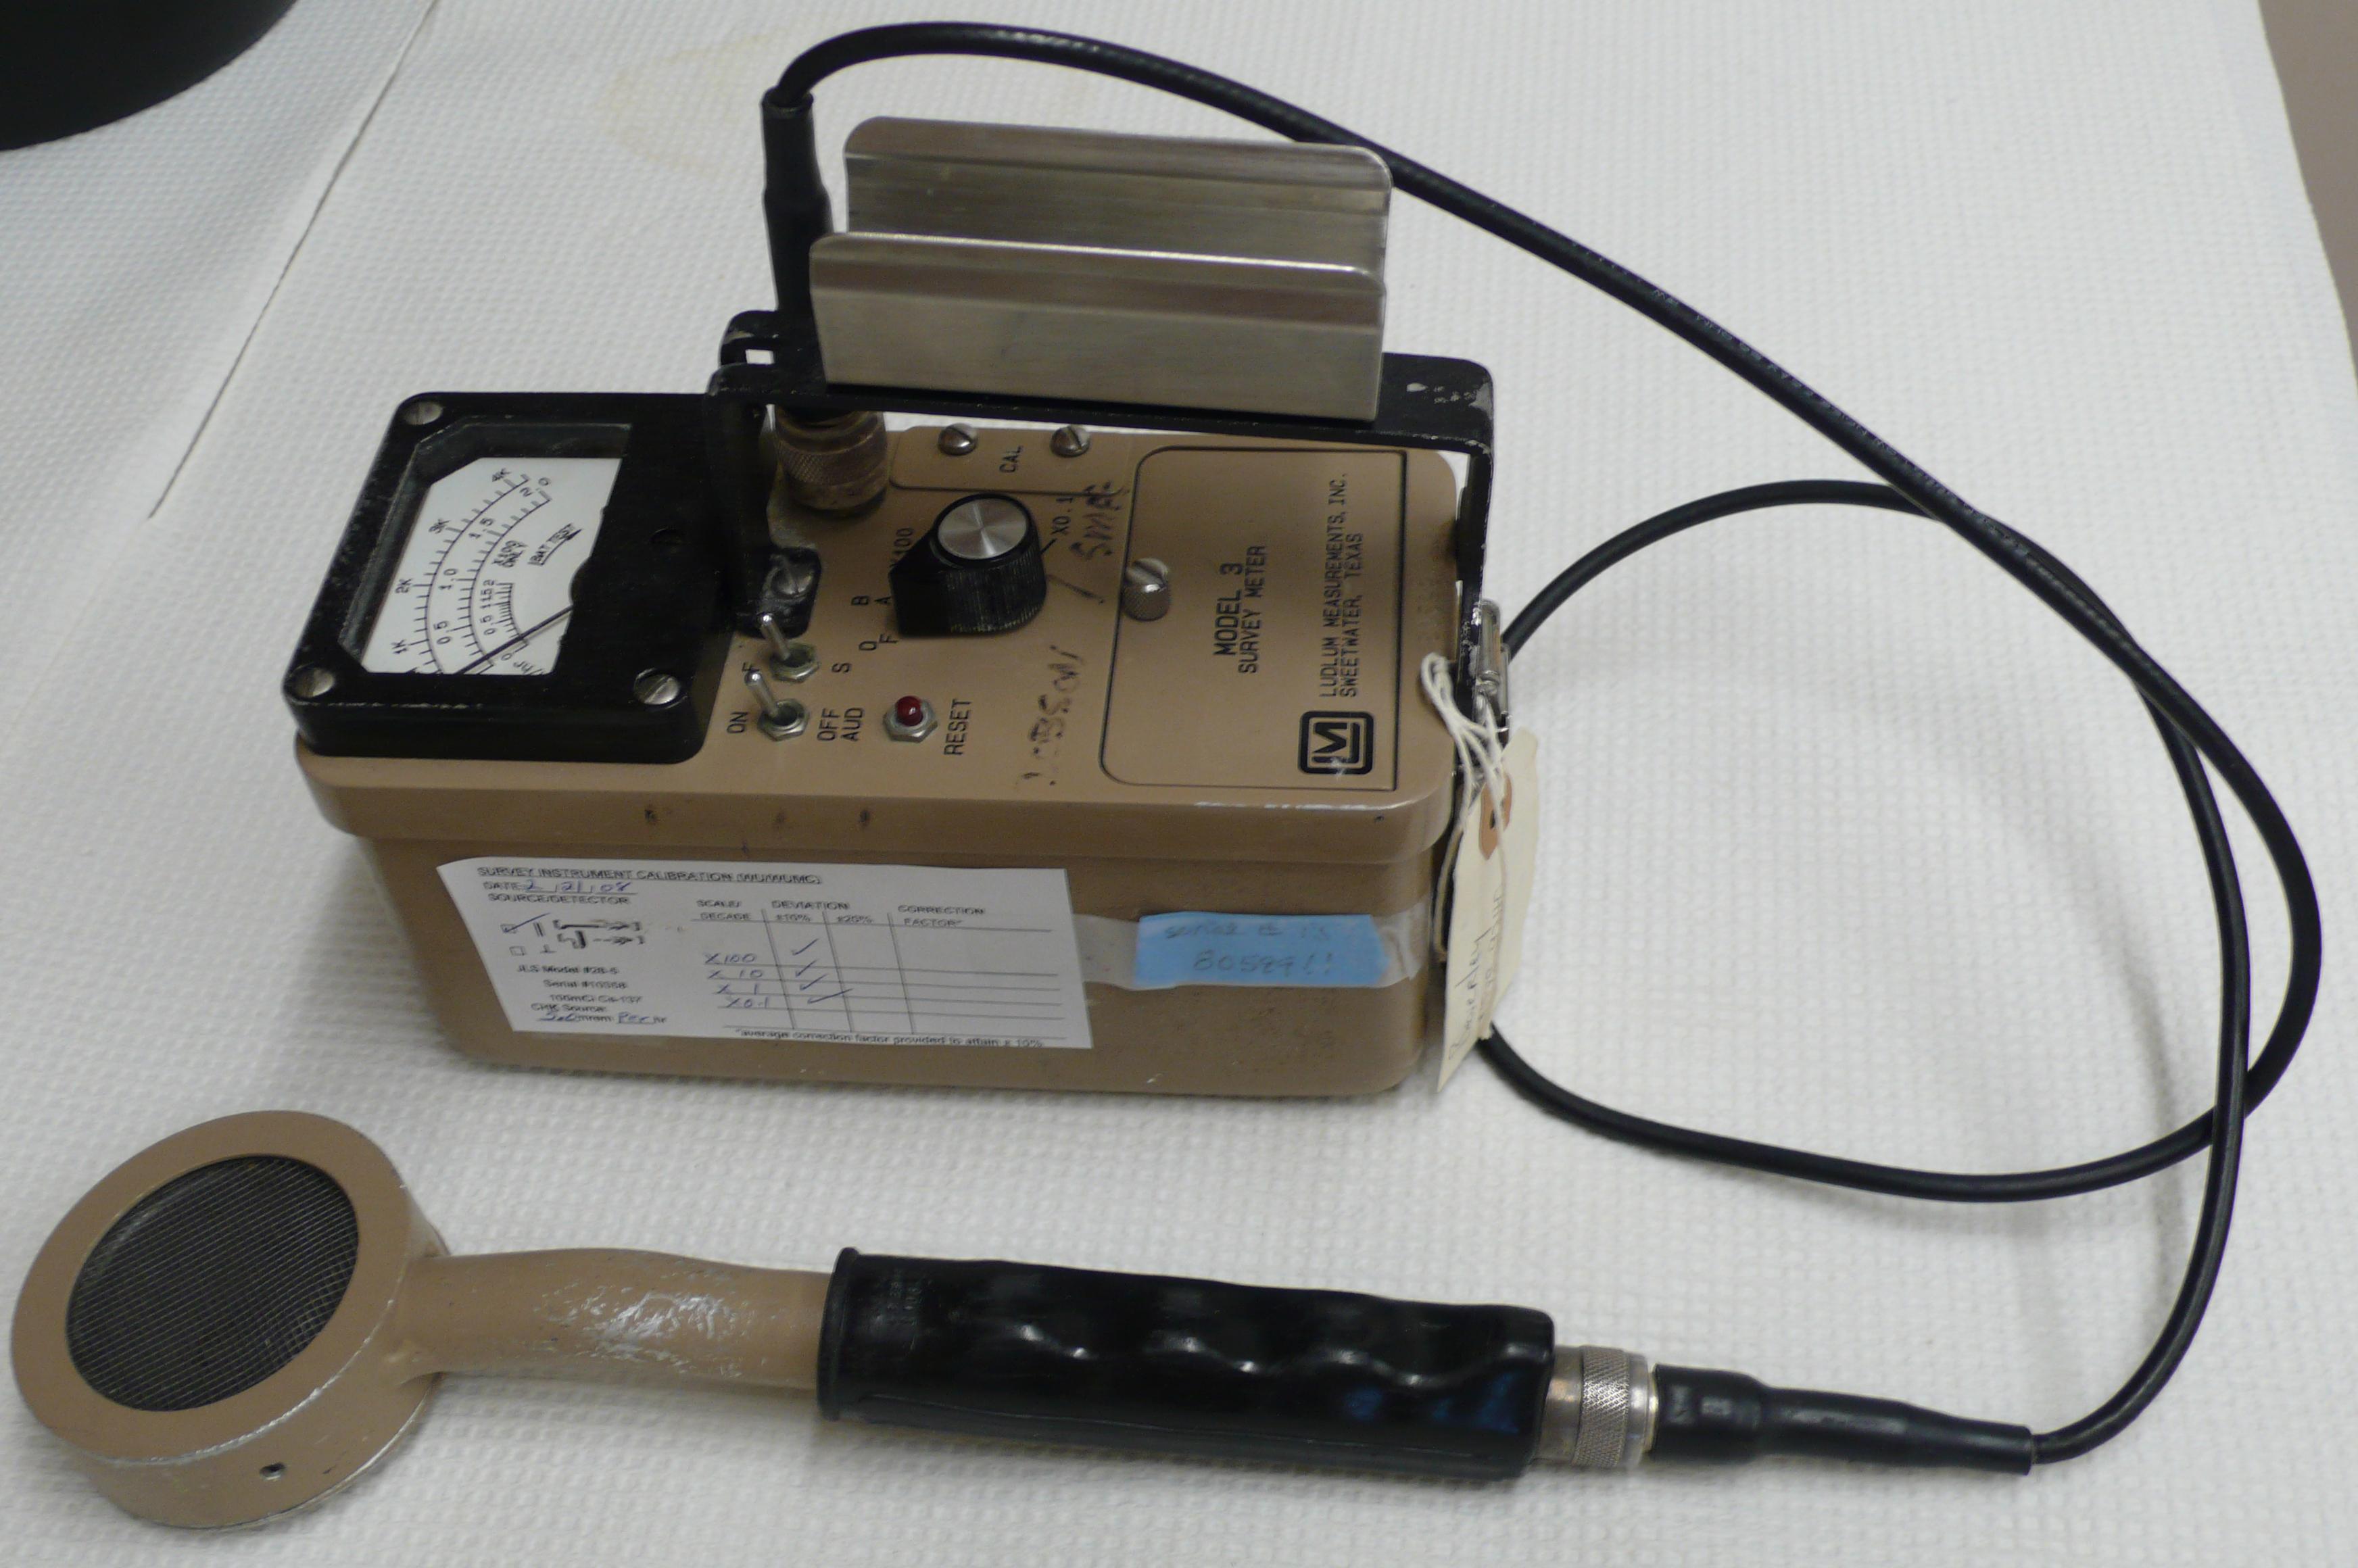 Geiger Counter Schematic 1965